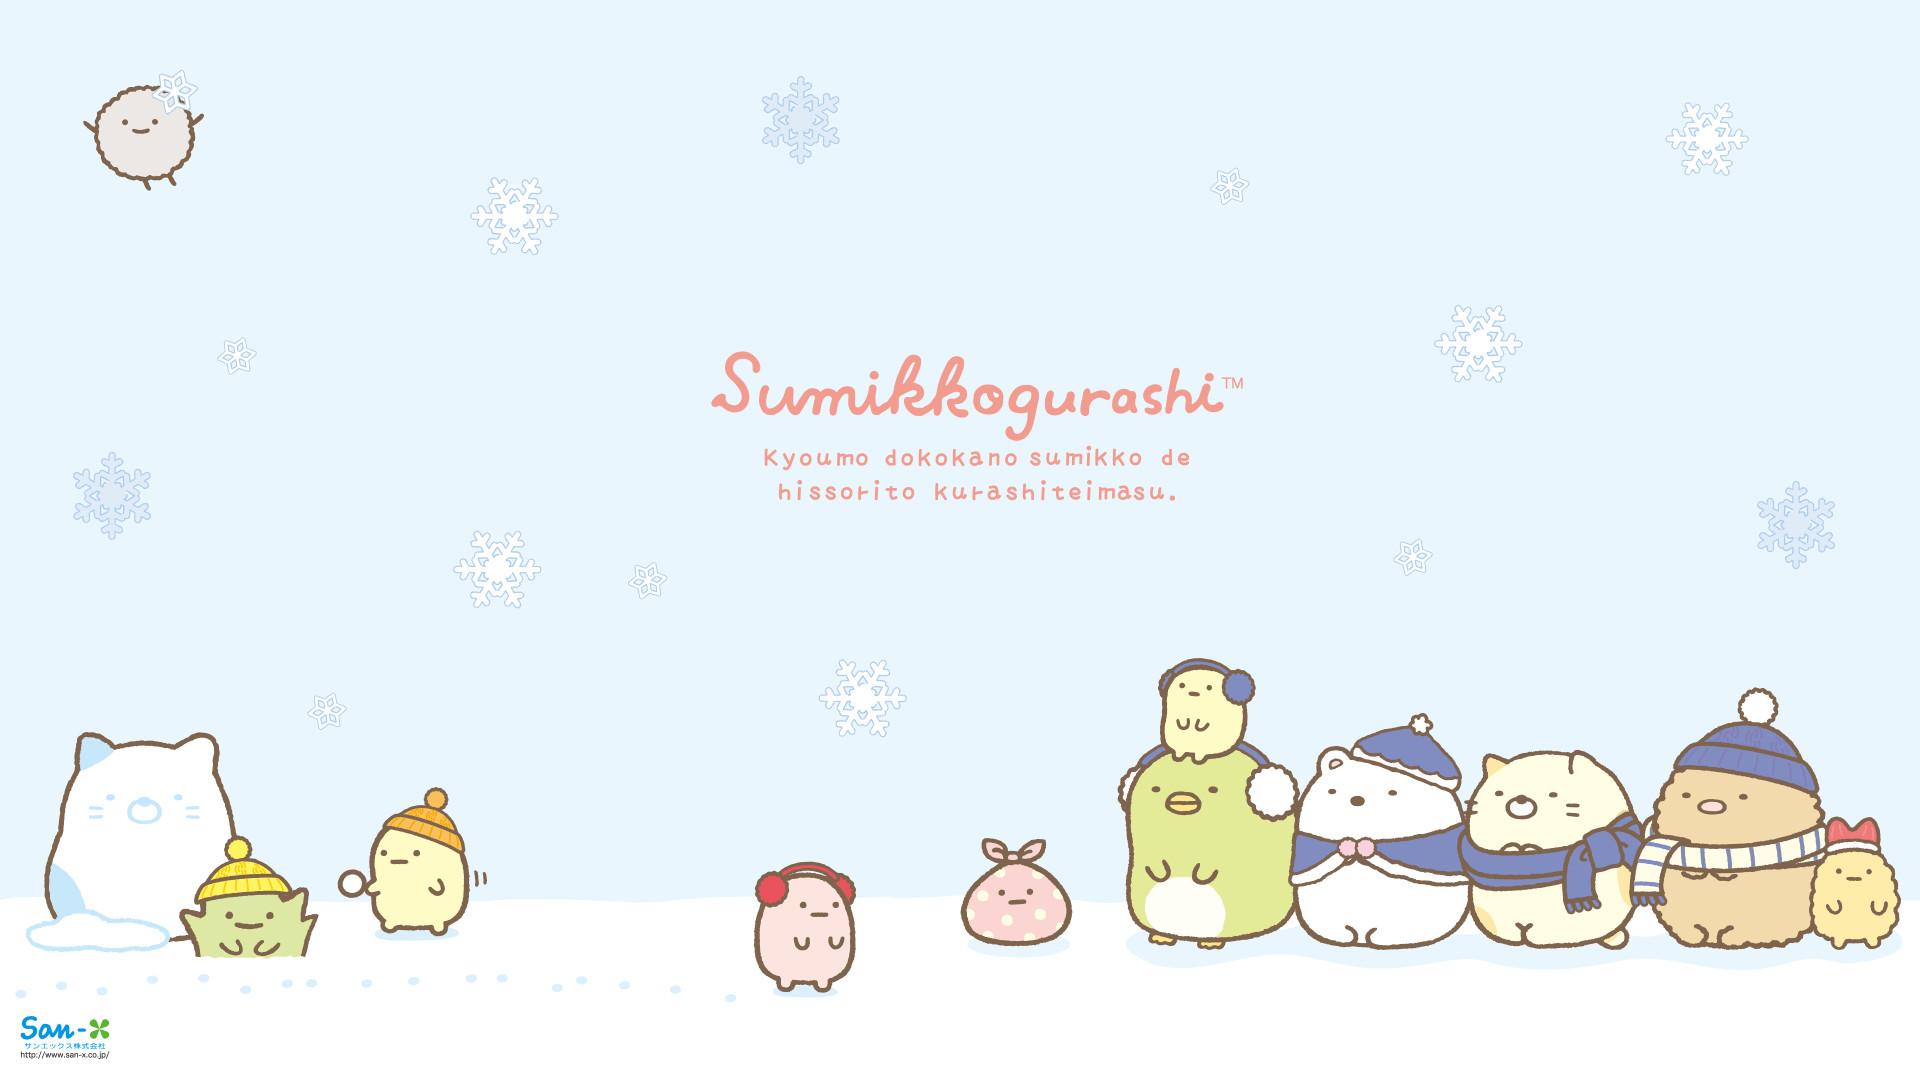 sumikko gurashi wallpaper,text,cartoon,clip art,illustration